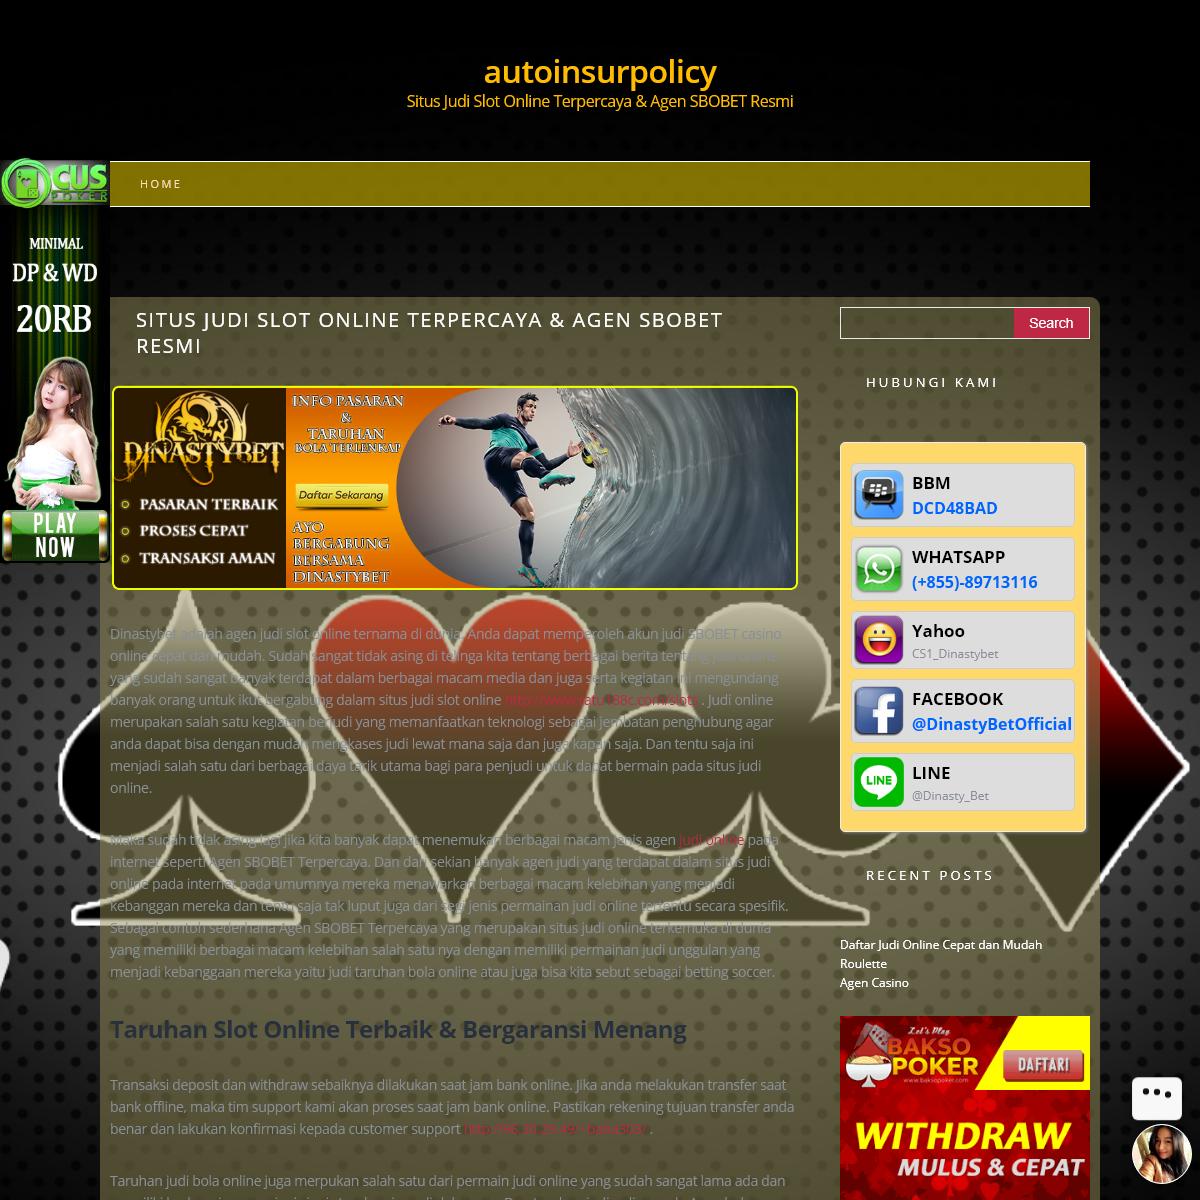 autoinsurpolicy – Situs Judi Slot Online Terpercaya & Agen SBOBET Resmi